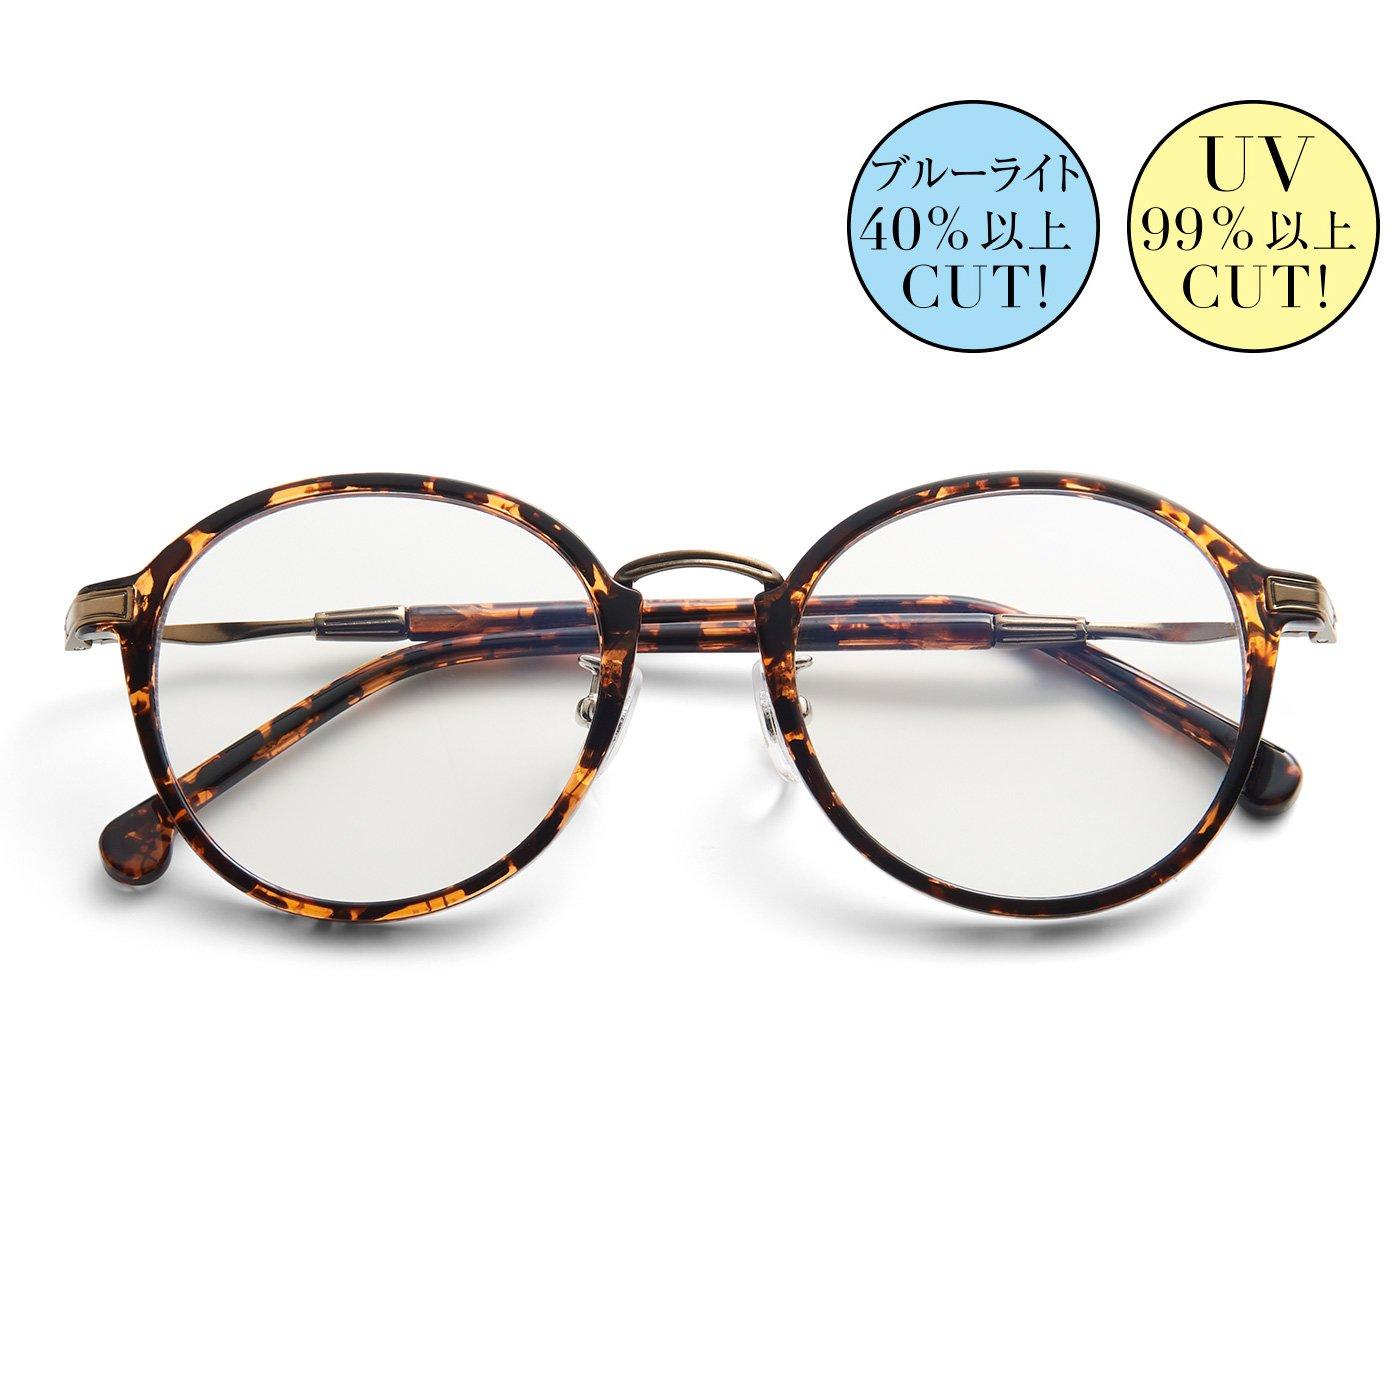 IEDIT[イディット] 紫外線とブルーライトから瞳を守る 大人好みの眼鏡見えサングラス〈ブラウン〉